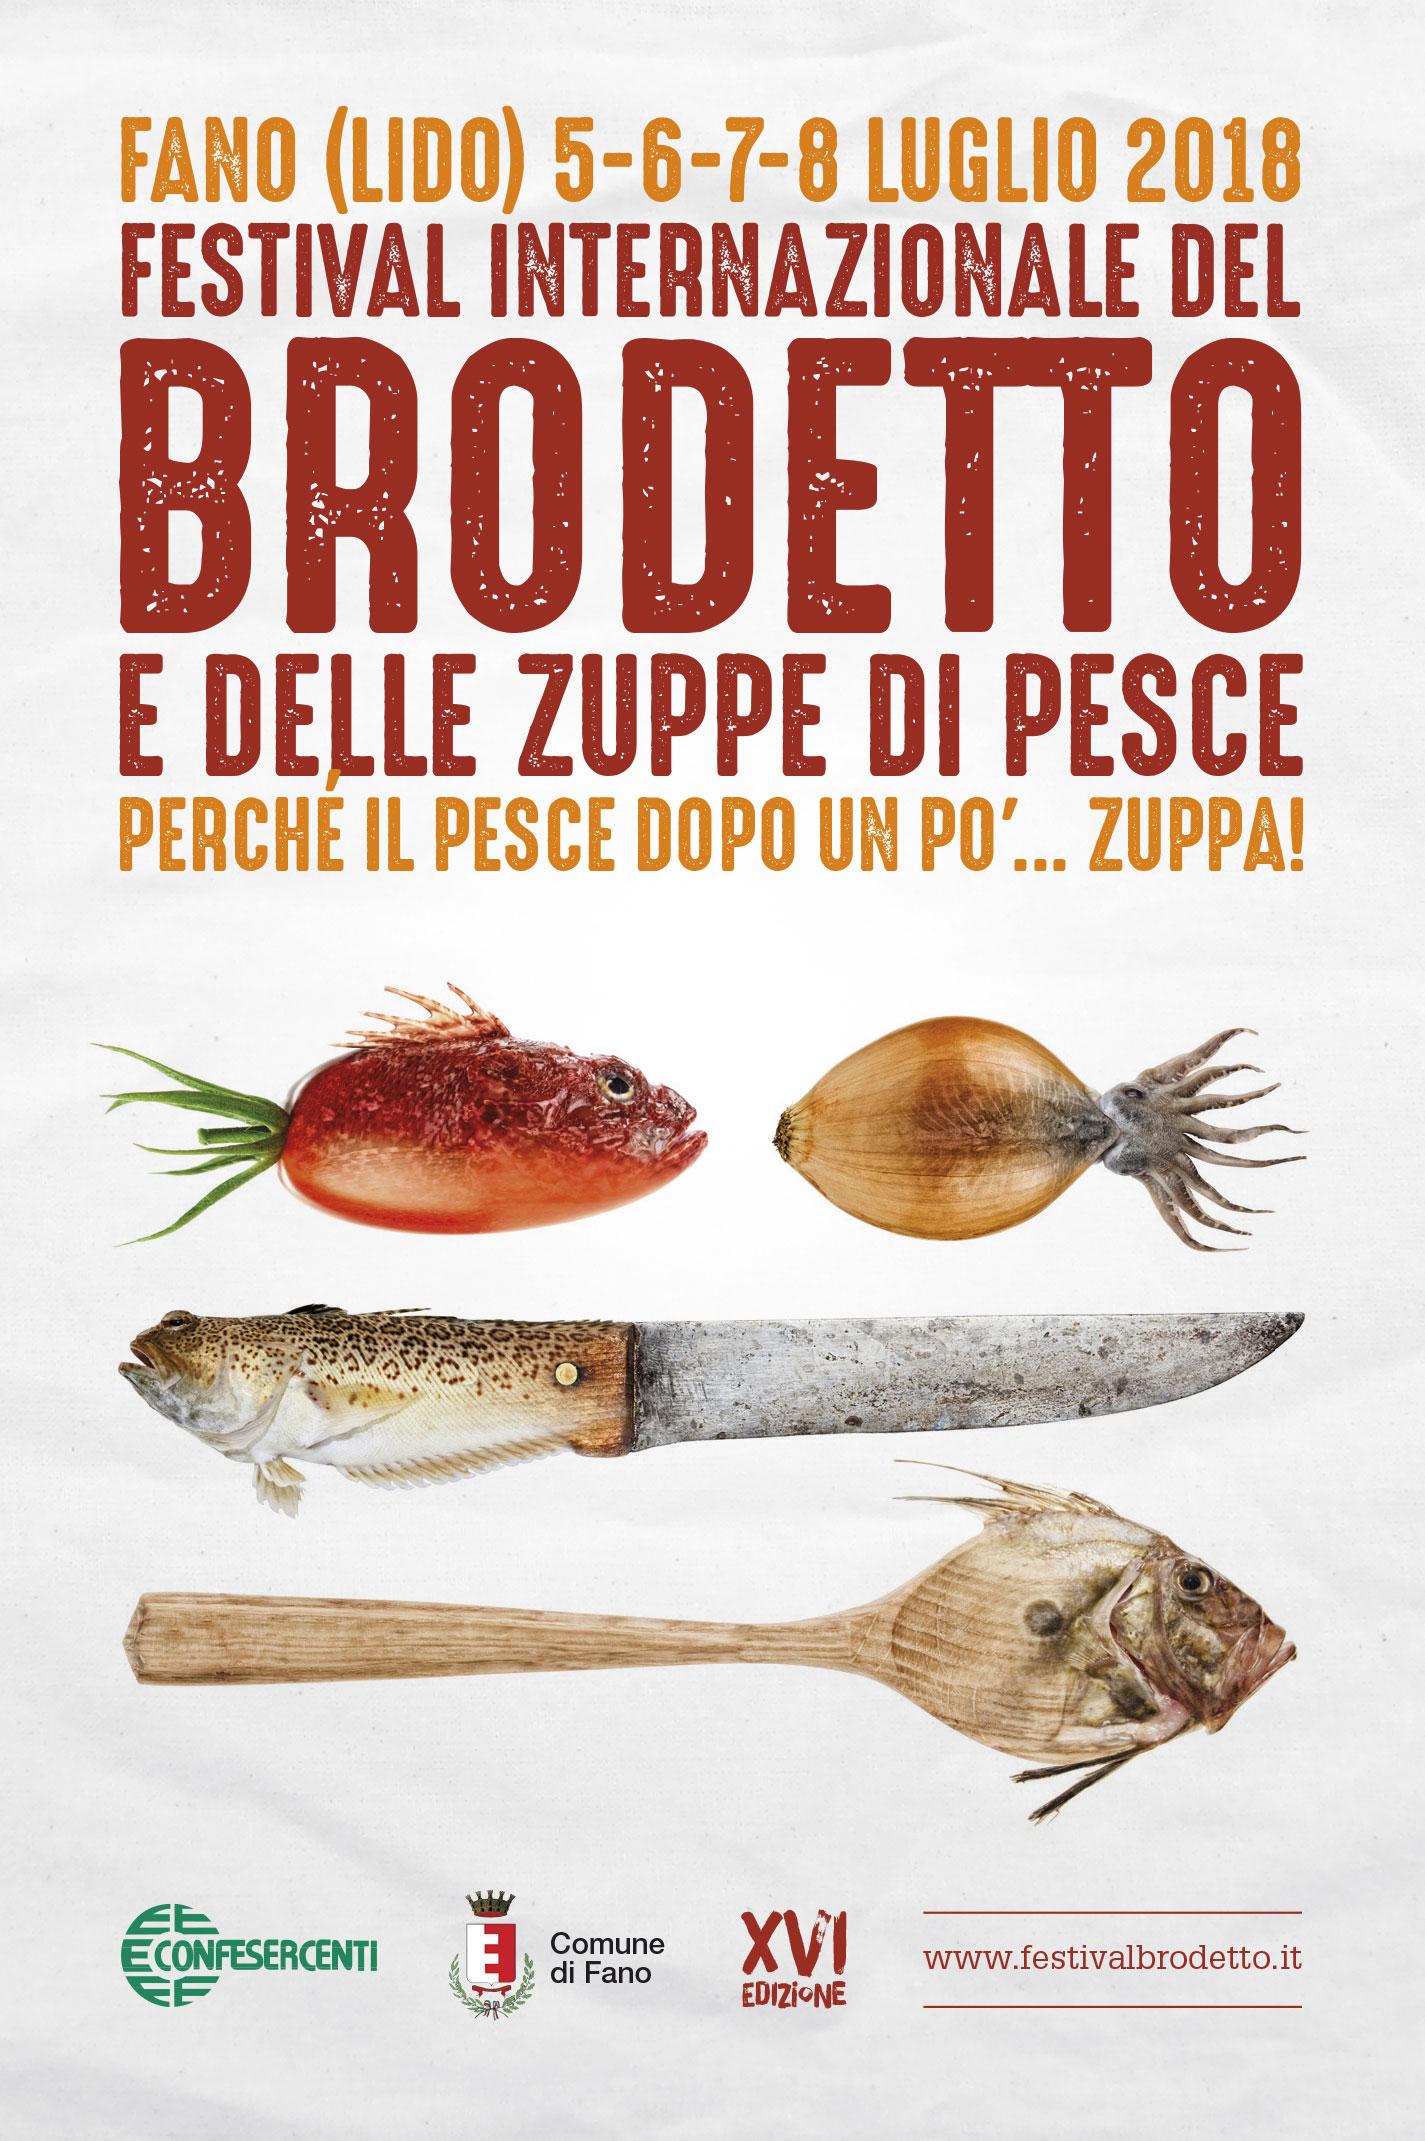 Festival del Brodetto 2018